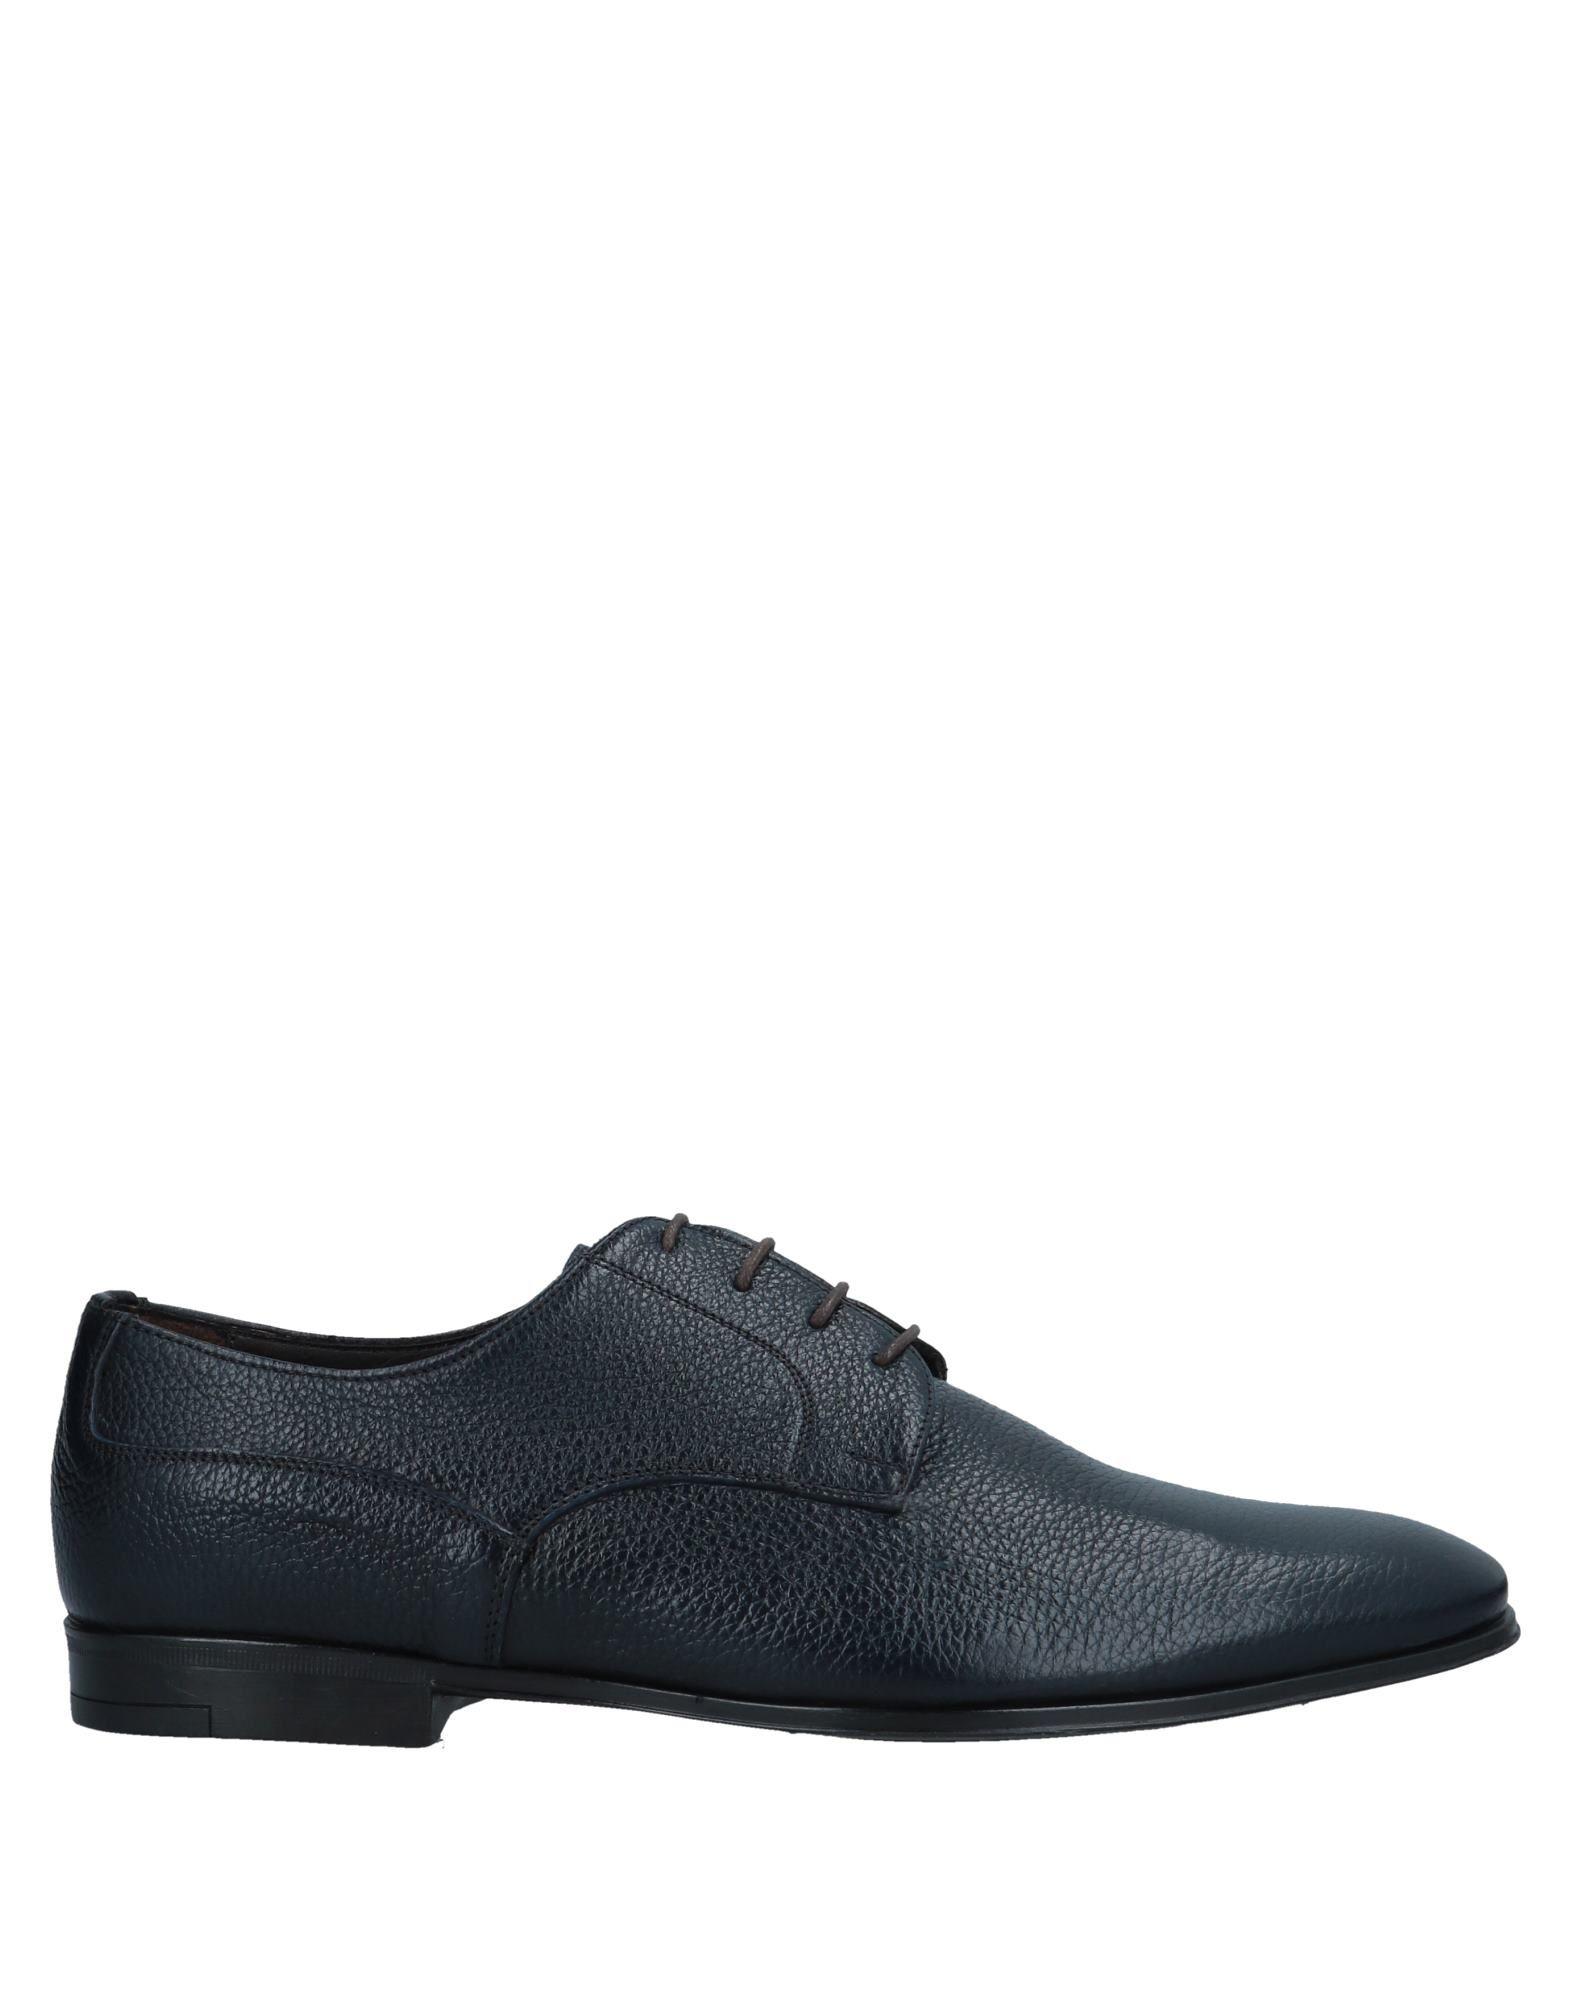 Rabatt echte Schuhe Baldinini Schnürschuhe Herren  11554298SU